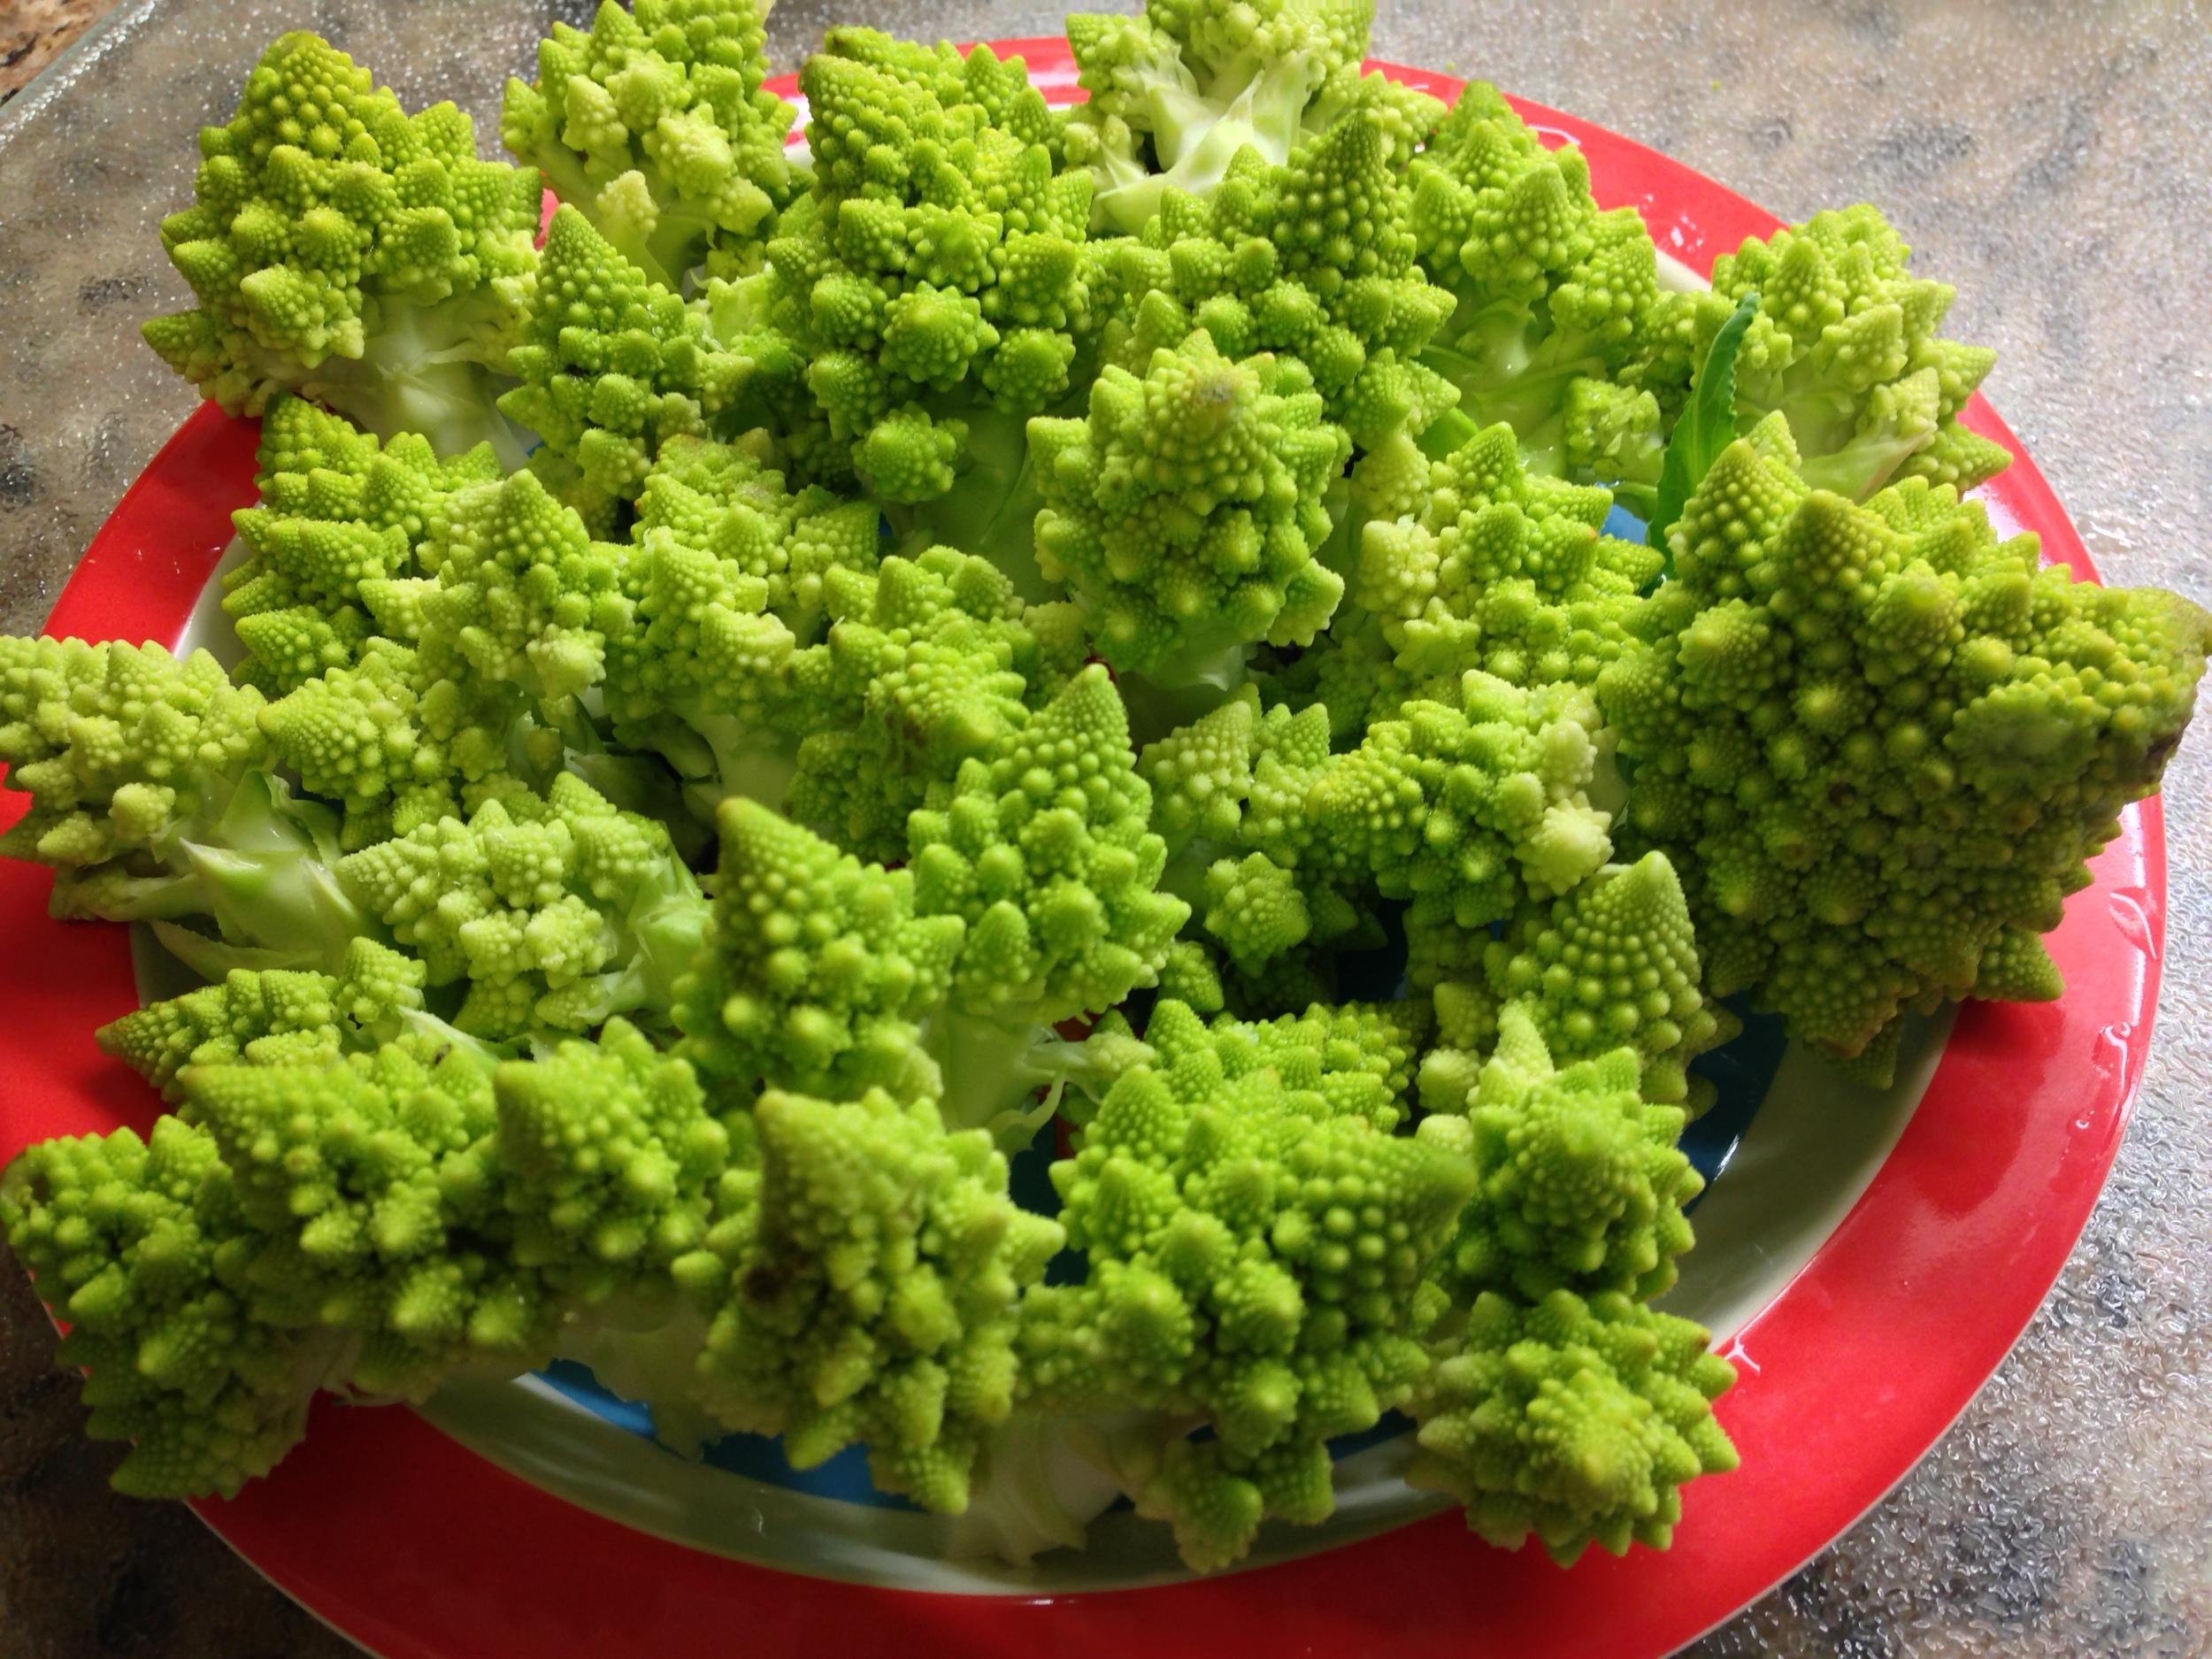 Roman cauliflower, aka Romanesco